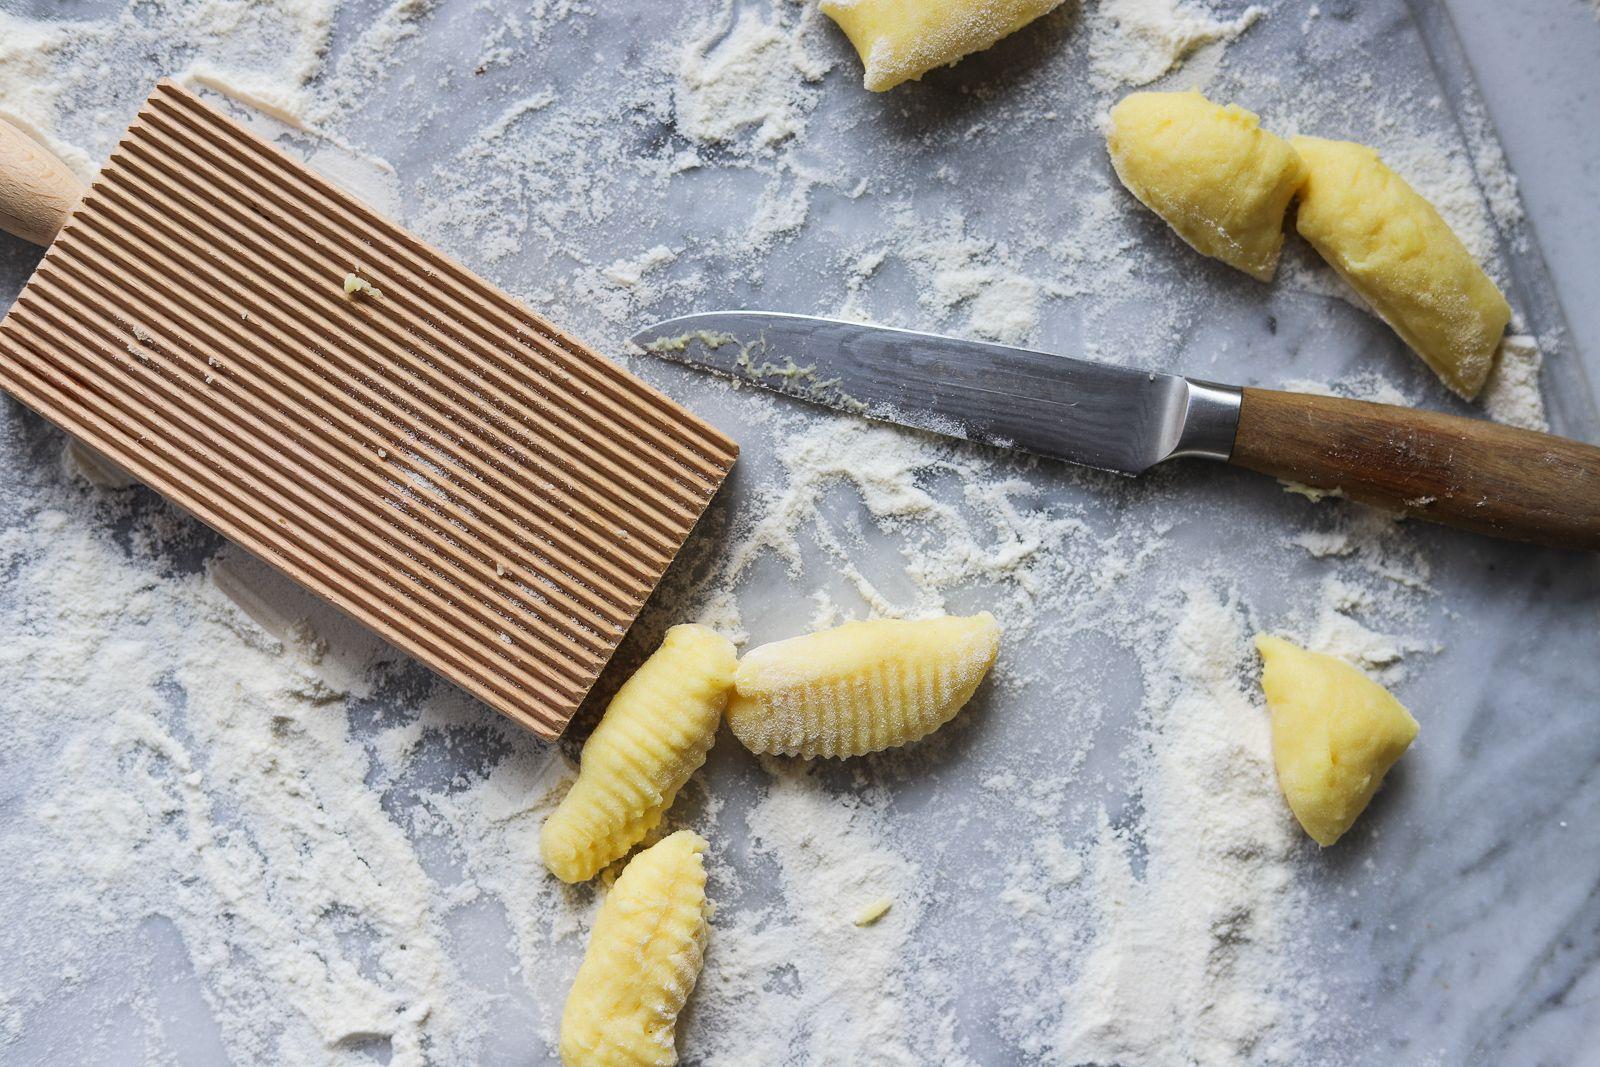 Najlepsze Gnocchi W Zyciu Jedyny Przepis Jakiego Potrzebujemy Krytyka Kulinarna Grill Pan Grilling Pan